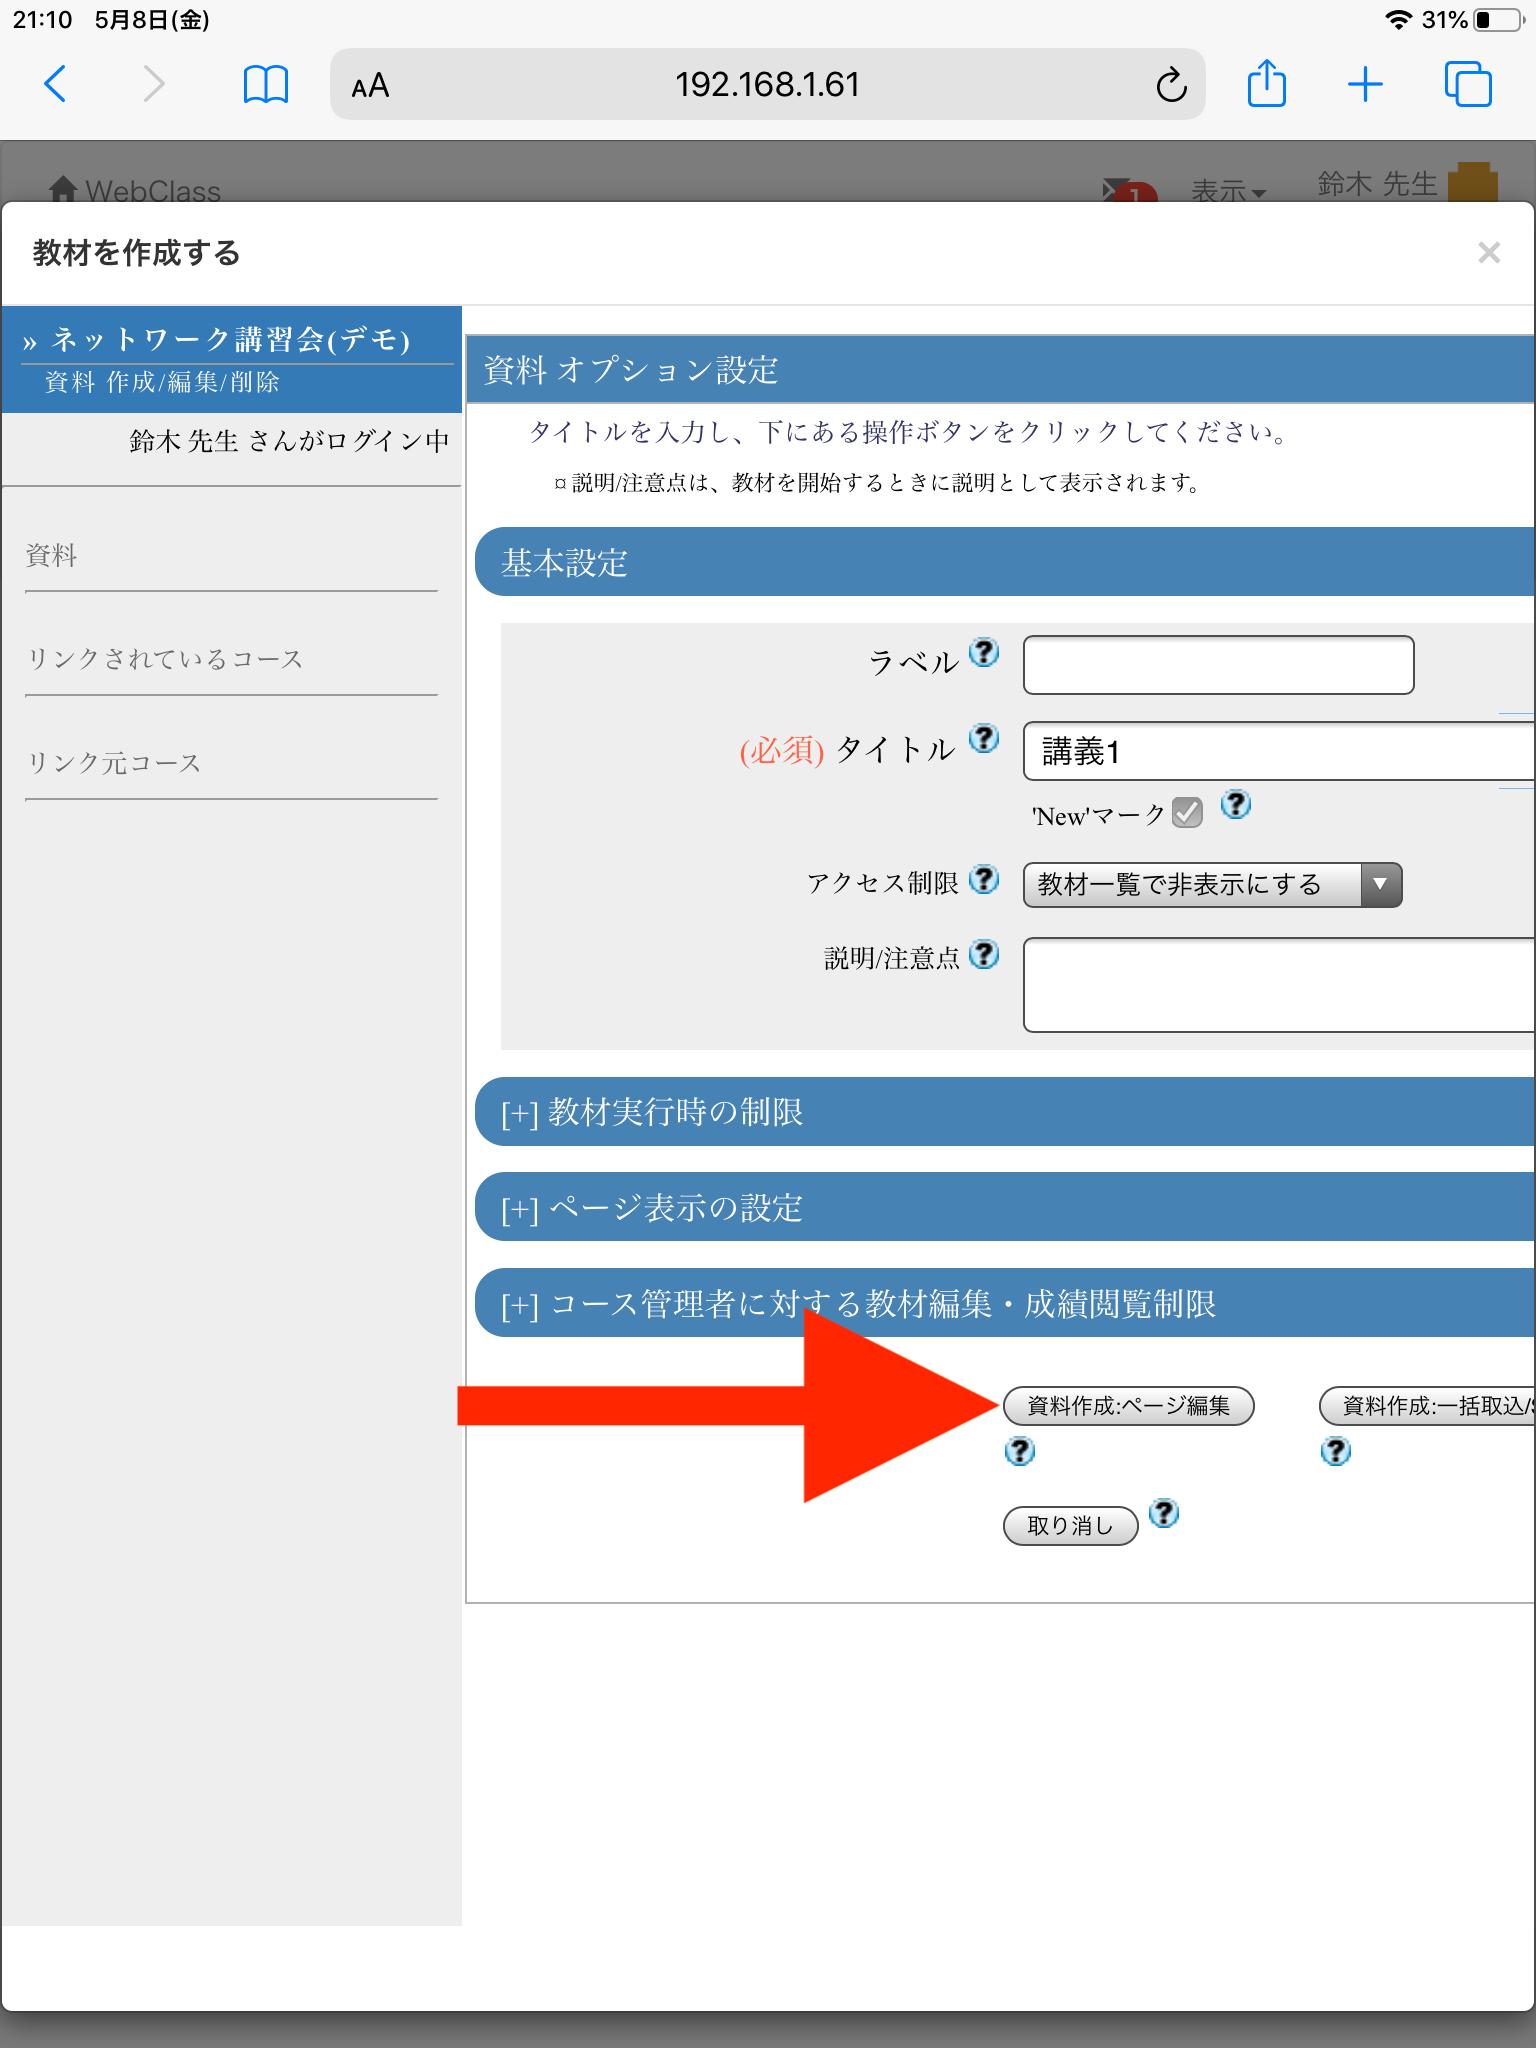 東京 医科 歯科 大学 webclass